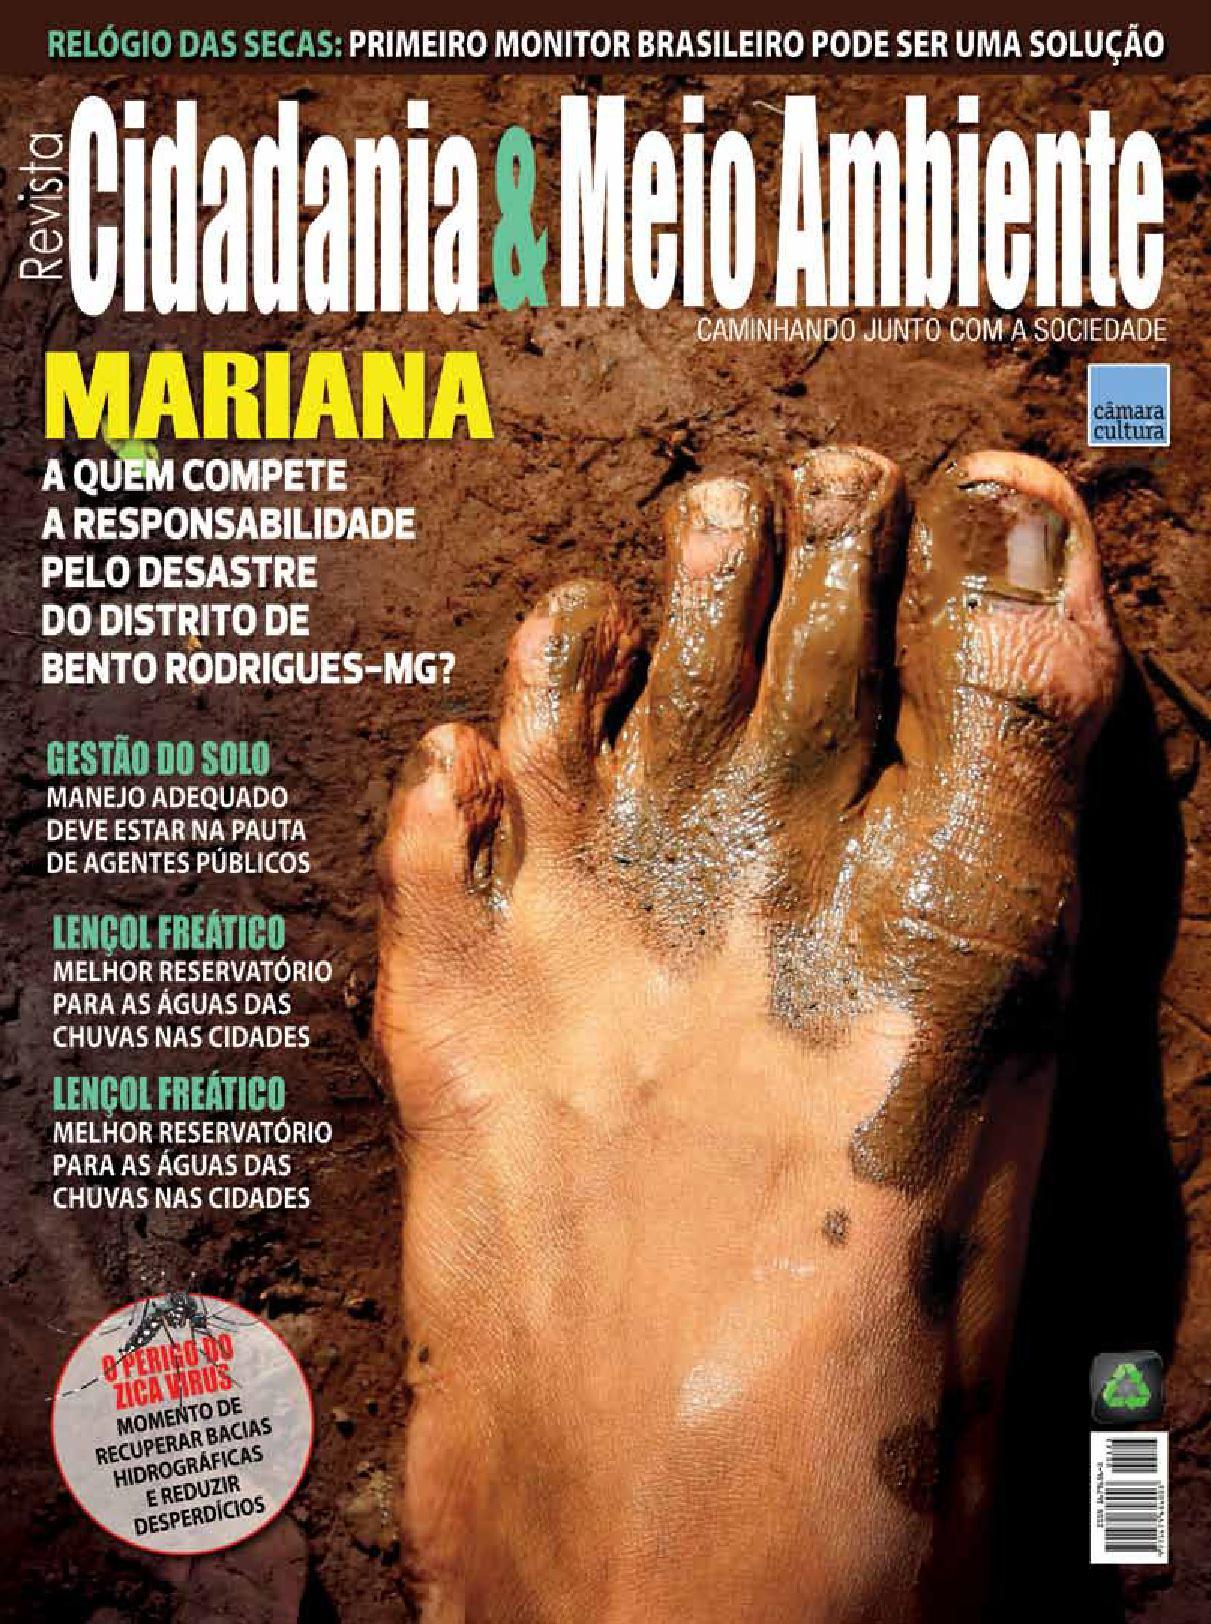 Edição n° 56 da revista Cidadania & Meio Ambiente